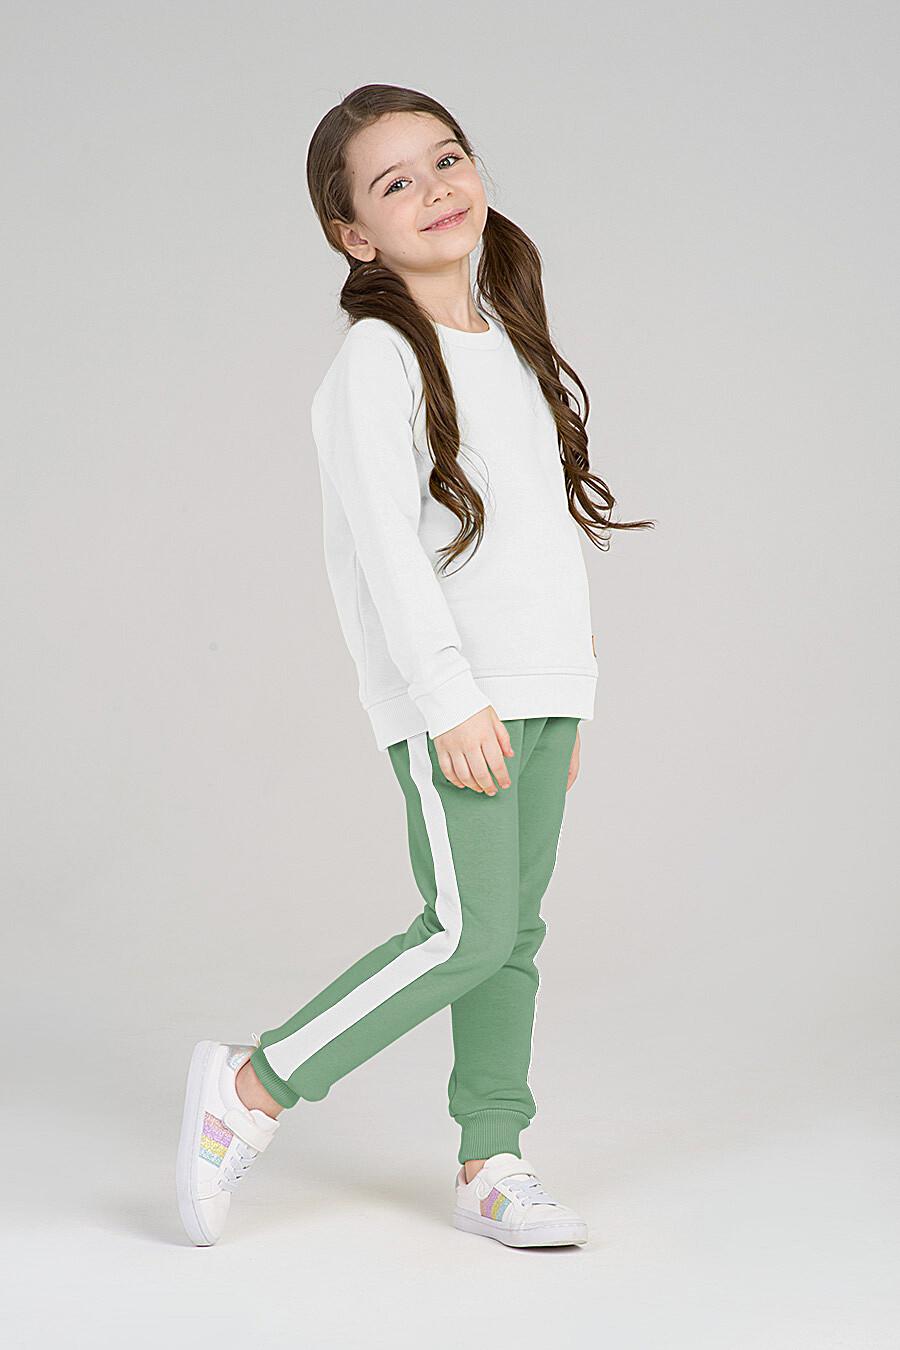 Свитшот для девочек EZANNA 668011 купить оптом от производителя. Совместная покупка детской одежды в OptMoyo